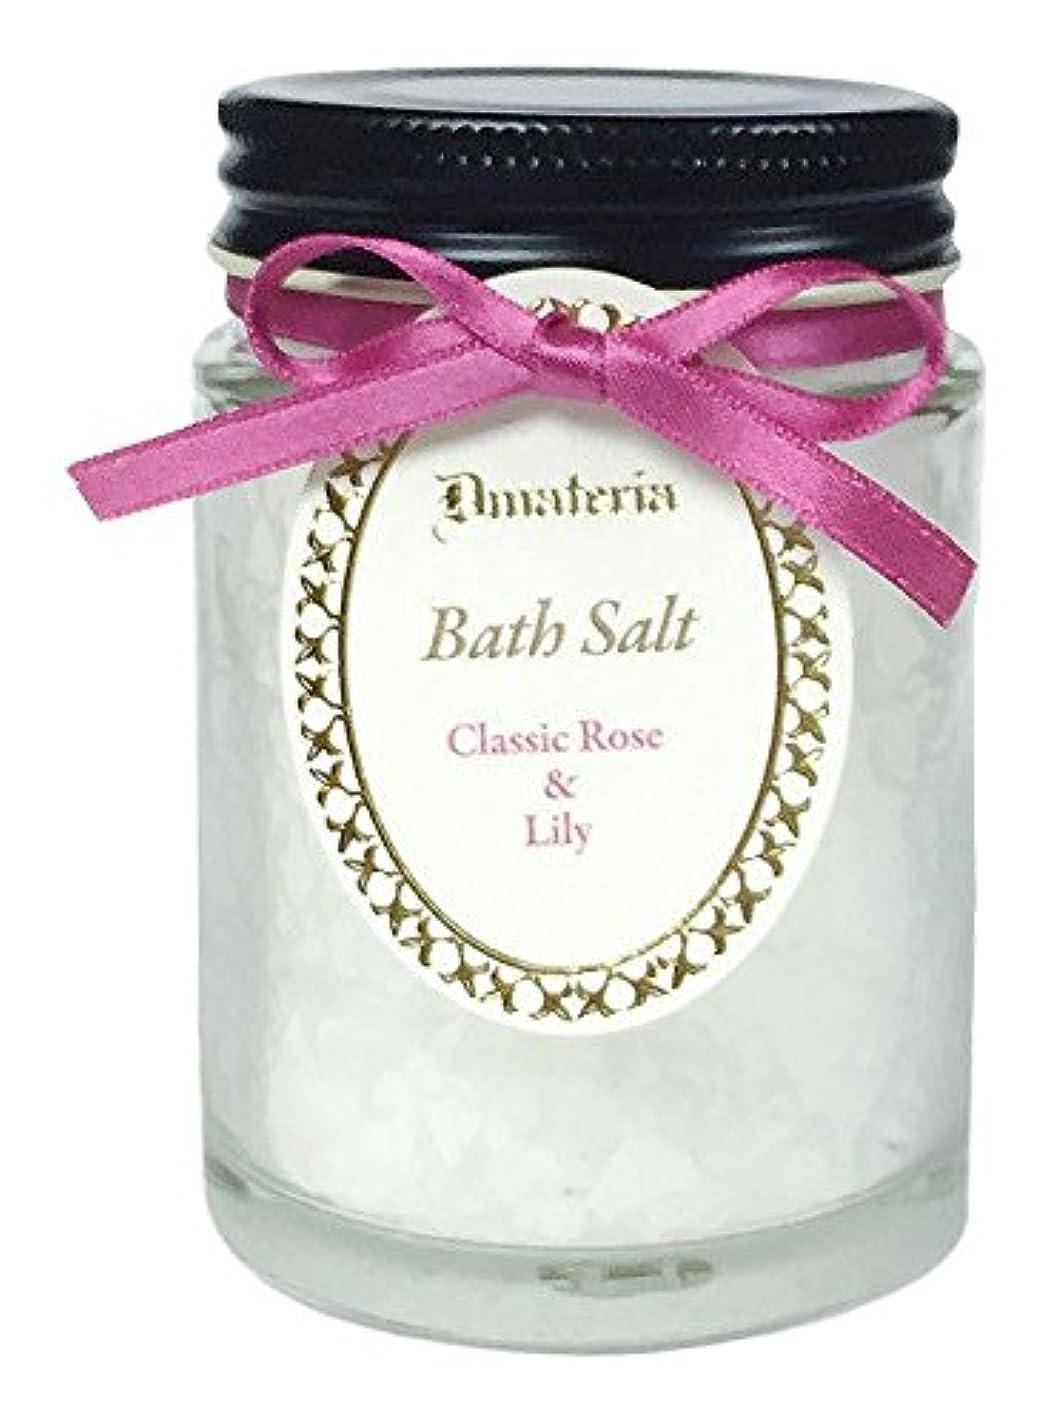 シェルターラックプラスチックD materia バスソルト クラシックローズ&リリー Classic Rose&Lily Bath Salt ディーマテリア